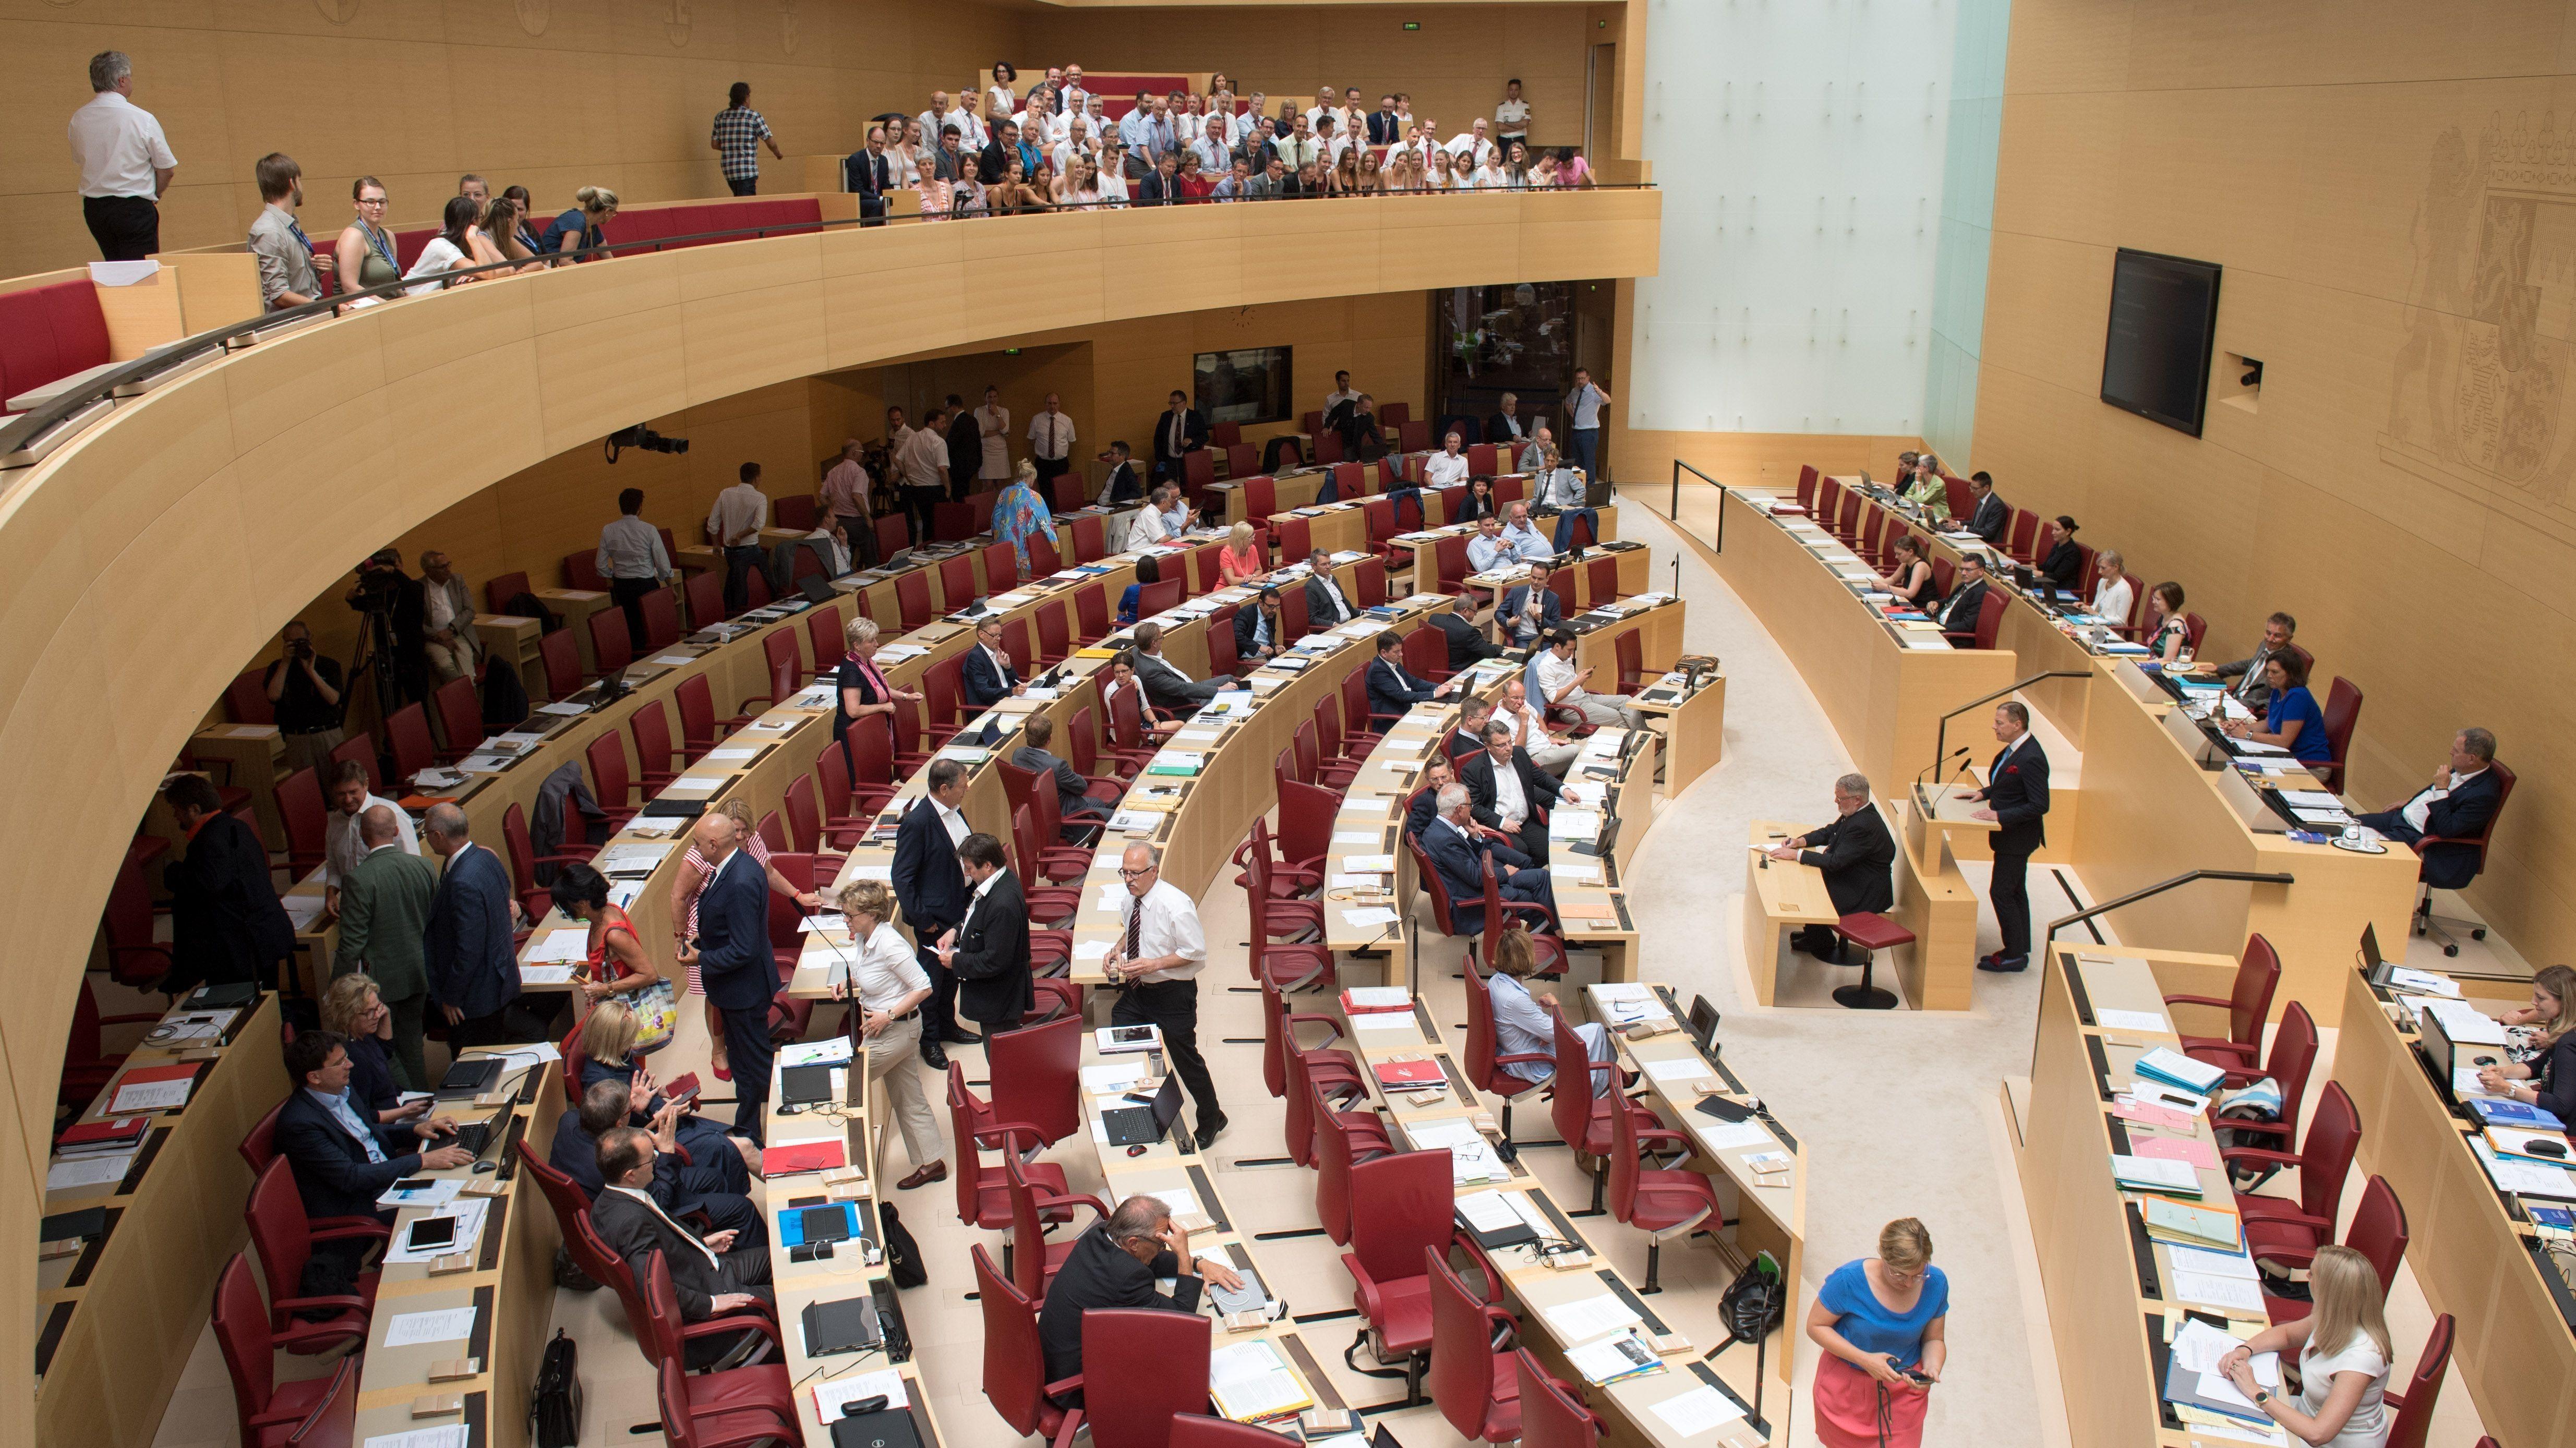 Ein Blick in den besetzten Plenarsaal des Bayerischen Ladntags.